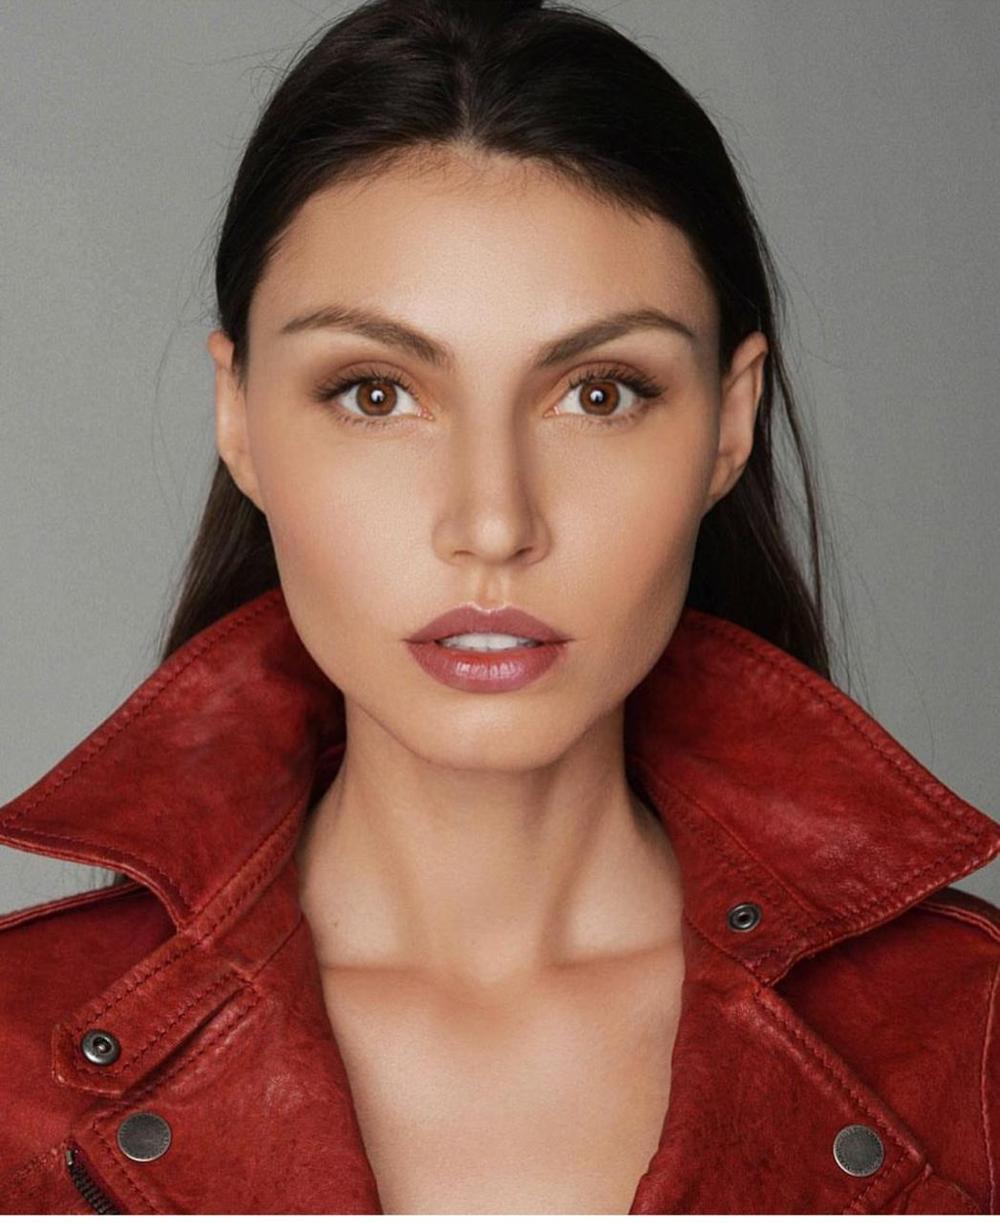 ANNA VERDISH